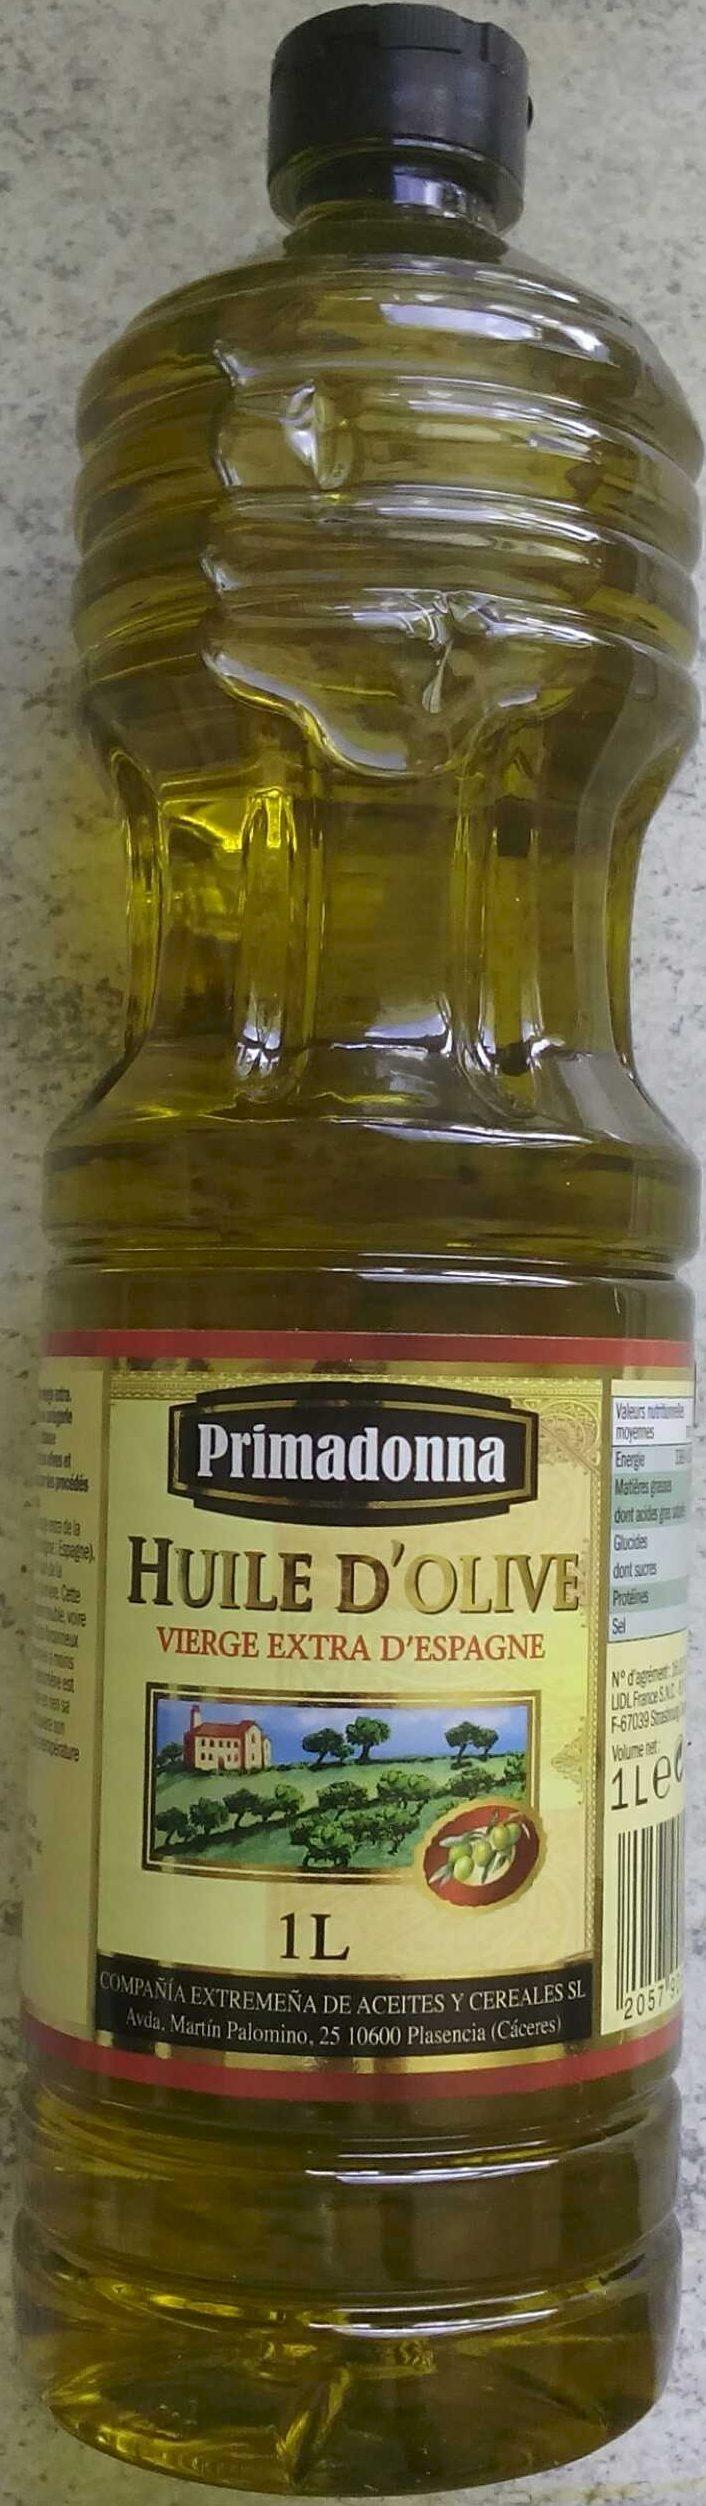 Huile d'olive vierge extra d'Espagne - Produit - fr